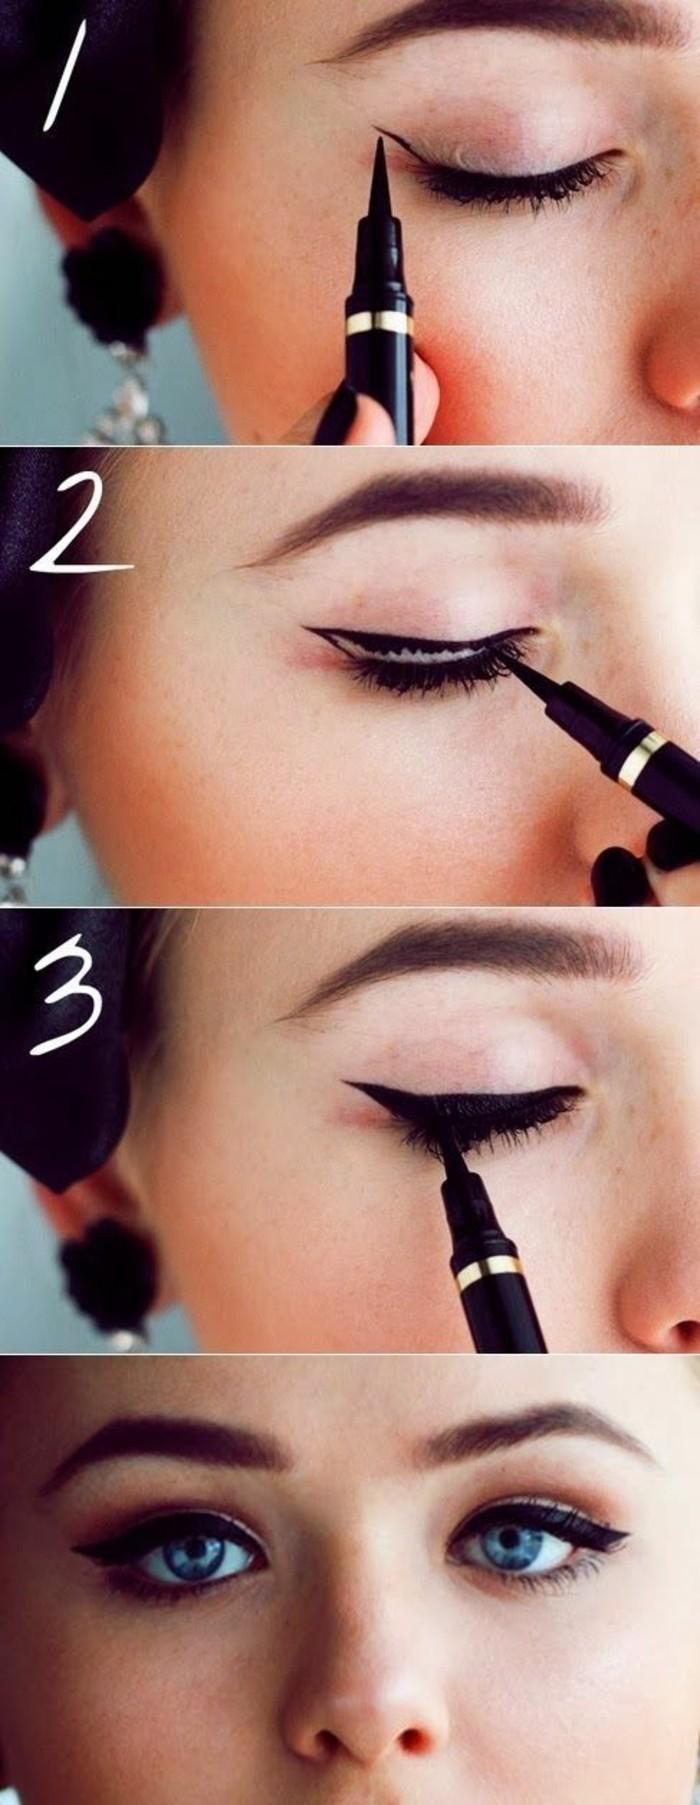 000-magnifique-maquillage-année-60-tuto-maquillage-yeux-bleus-idees